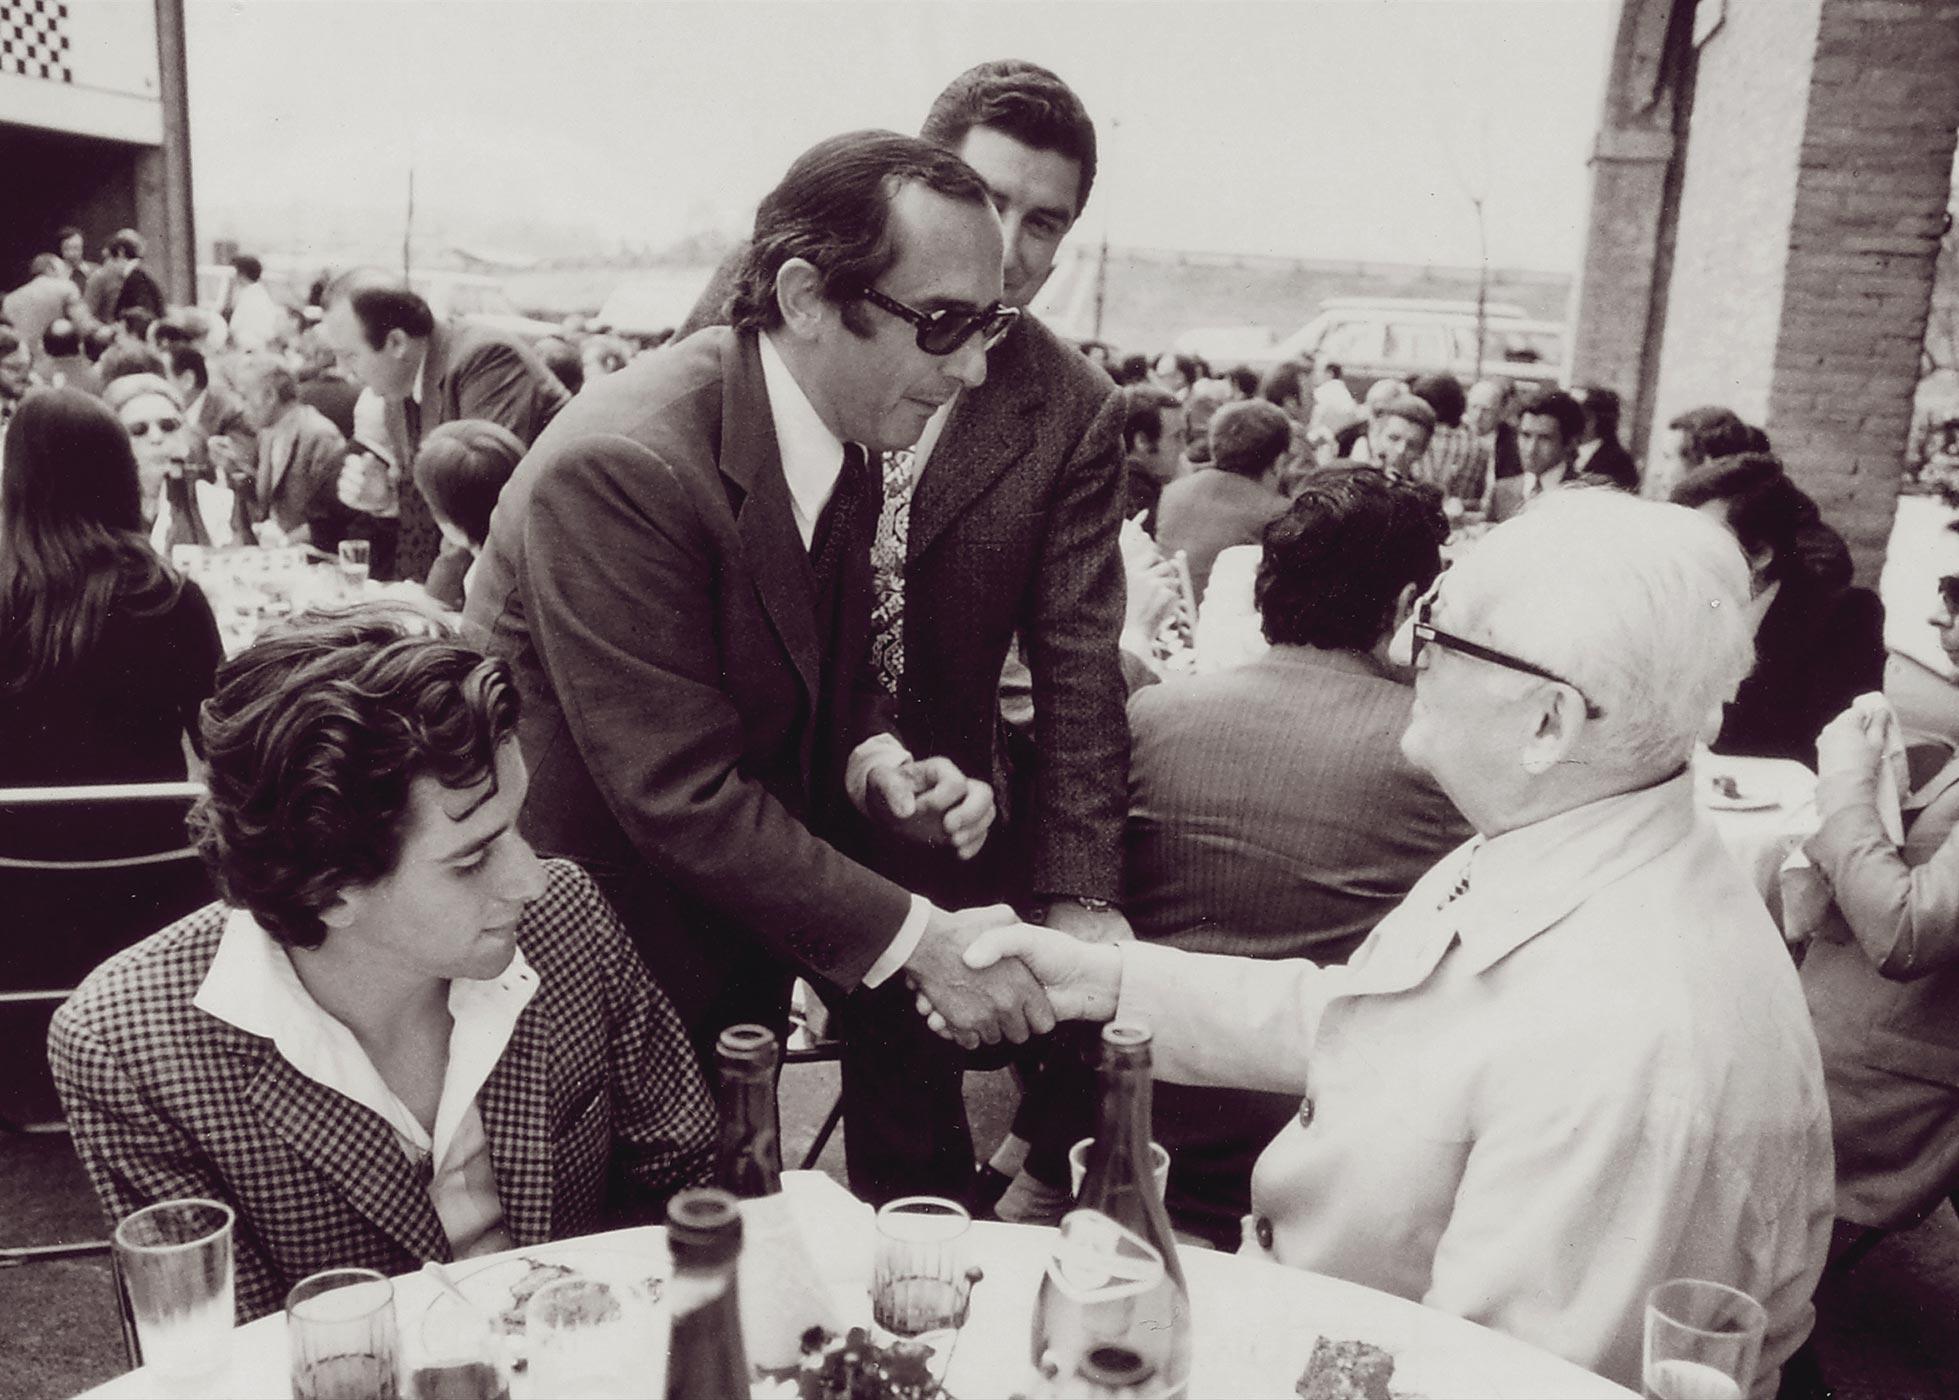 Jack Heuer + Enzo Ferrari